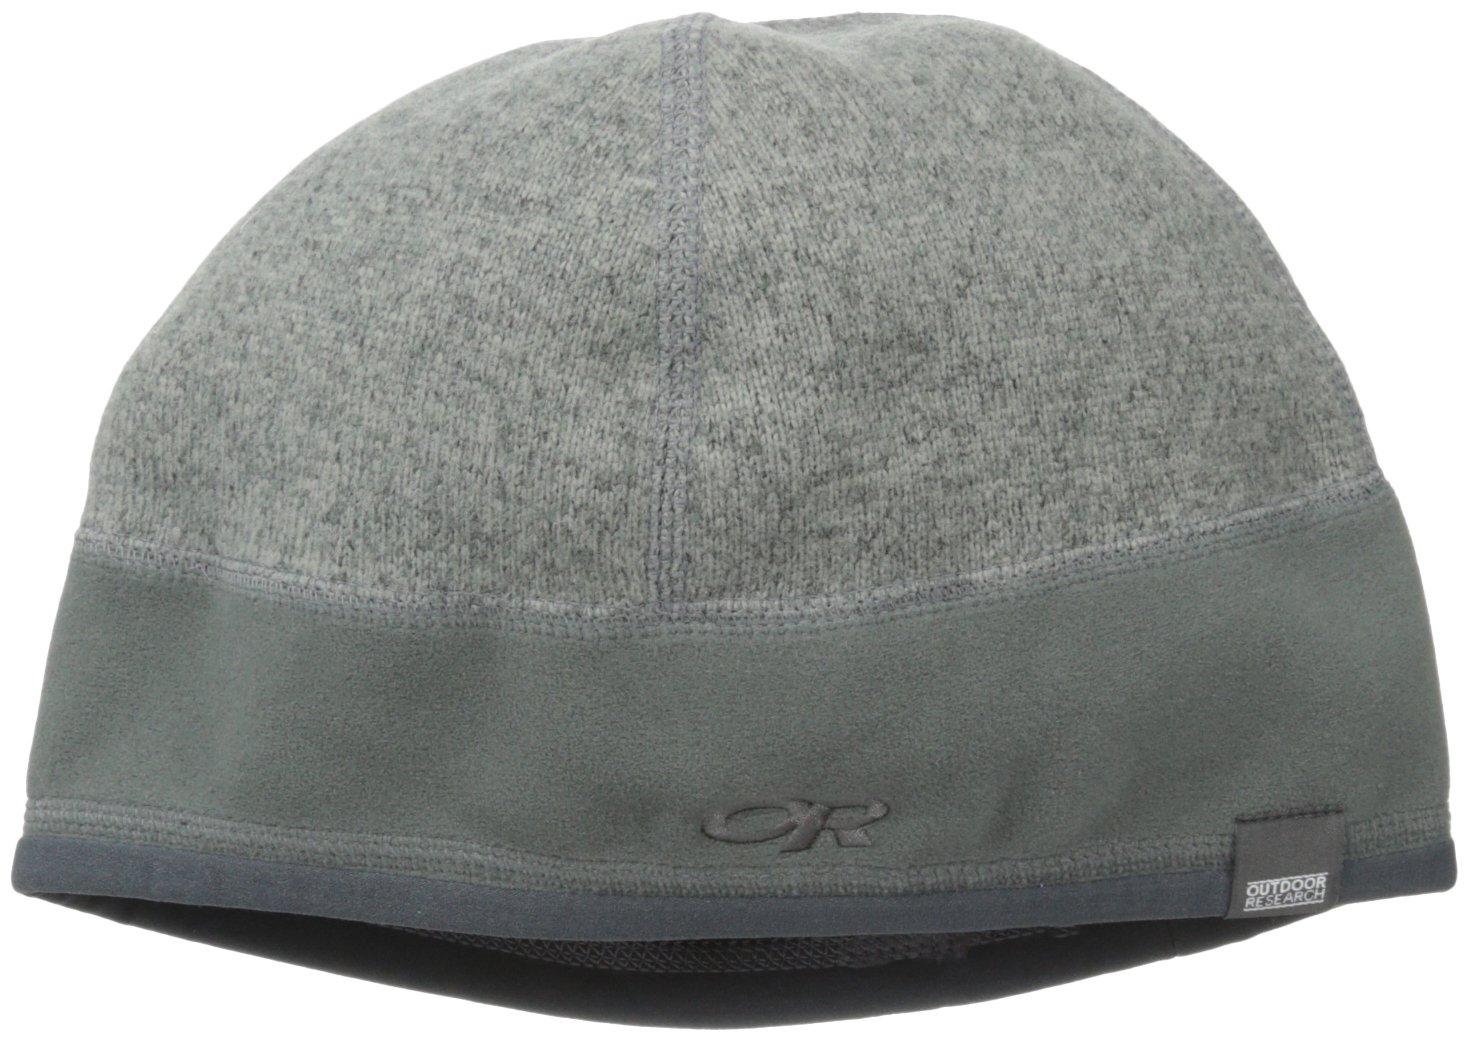 Outdoor Research Men's Endeavor Hat